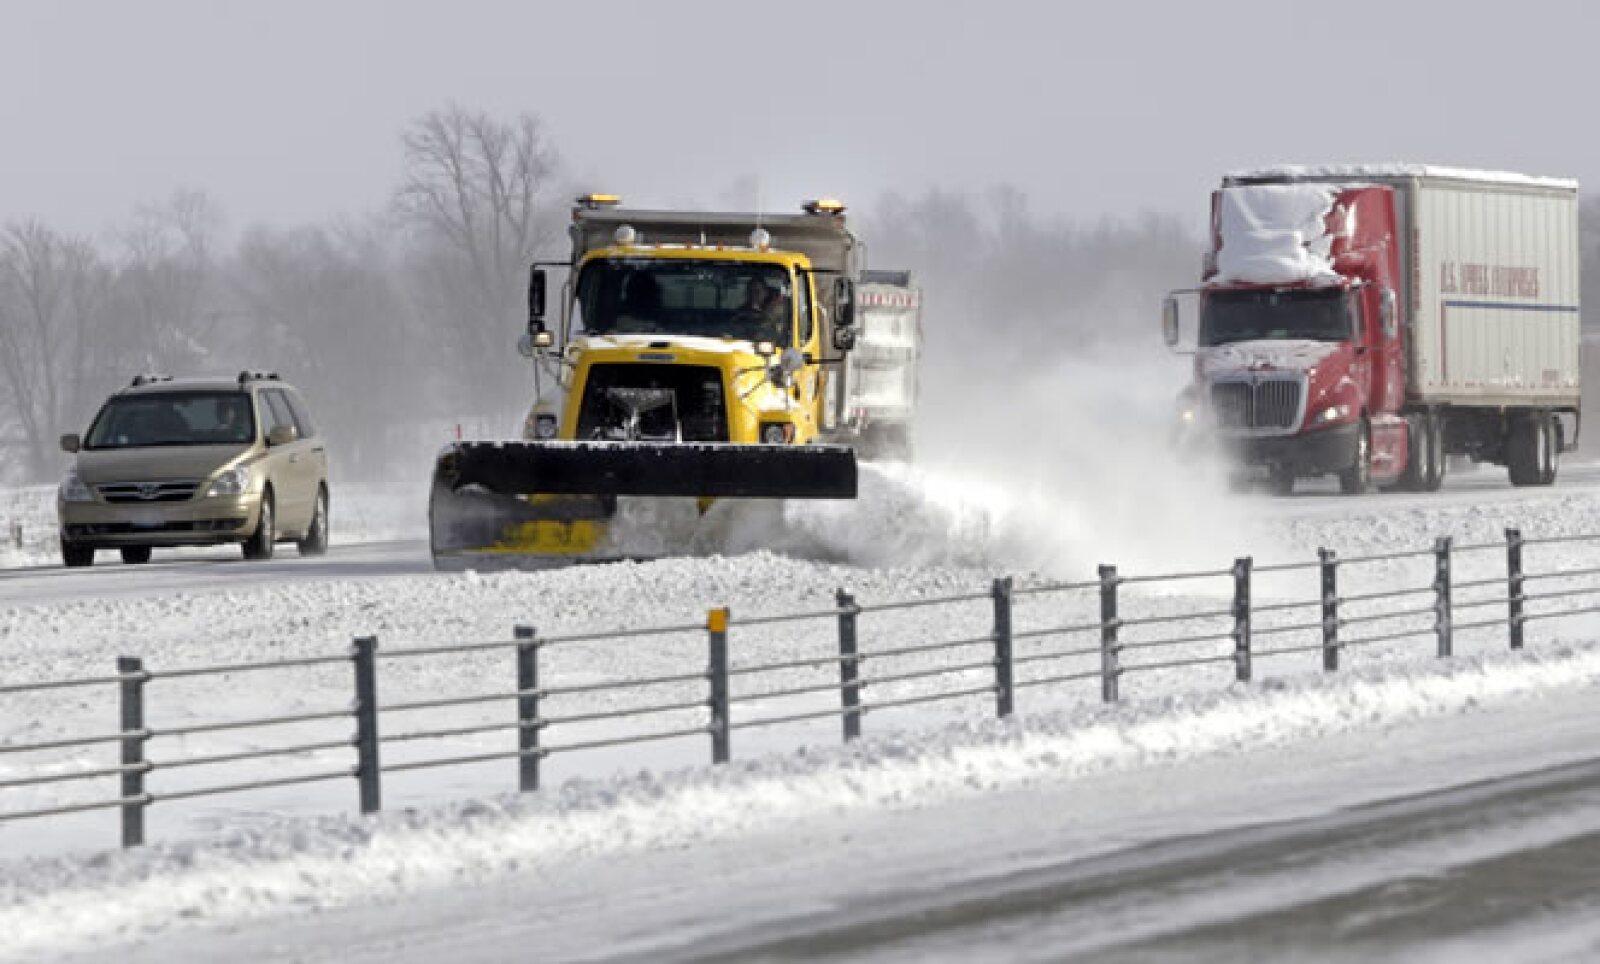 El frío intenso podría afectar la producción de petróleo en compañías como Continental Resources, Marathon Oil y Hess Energy.